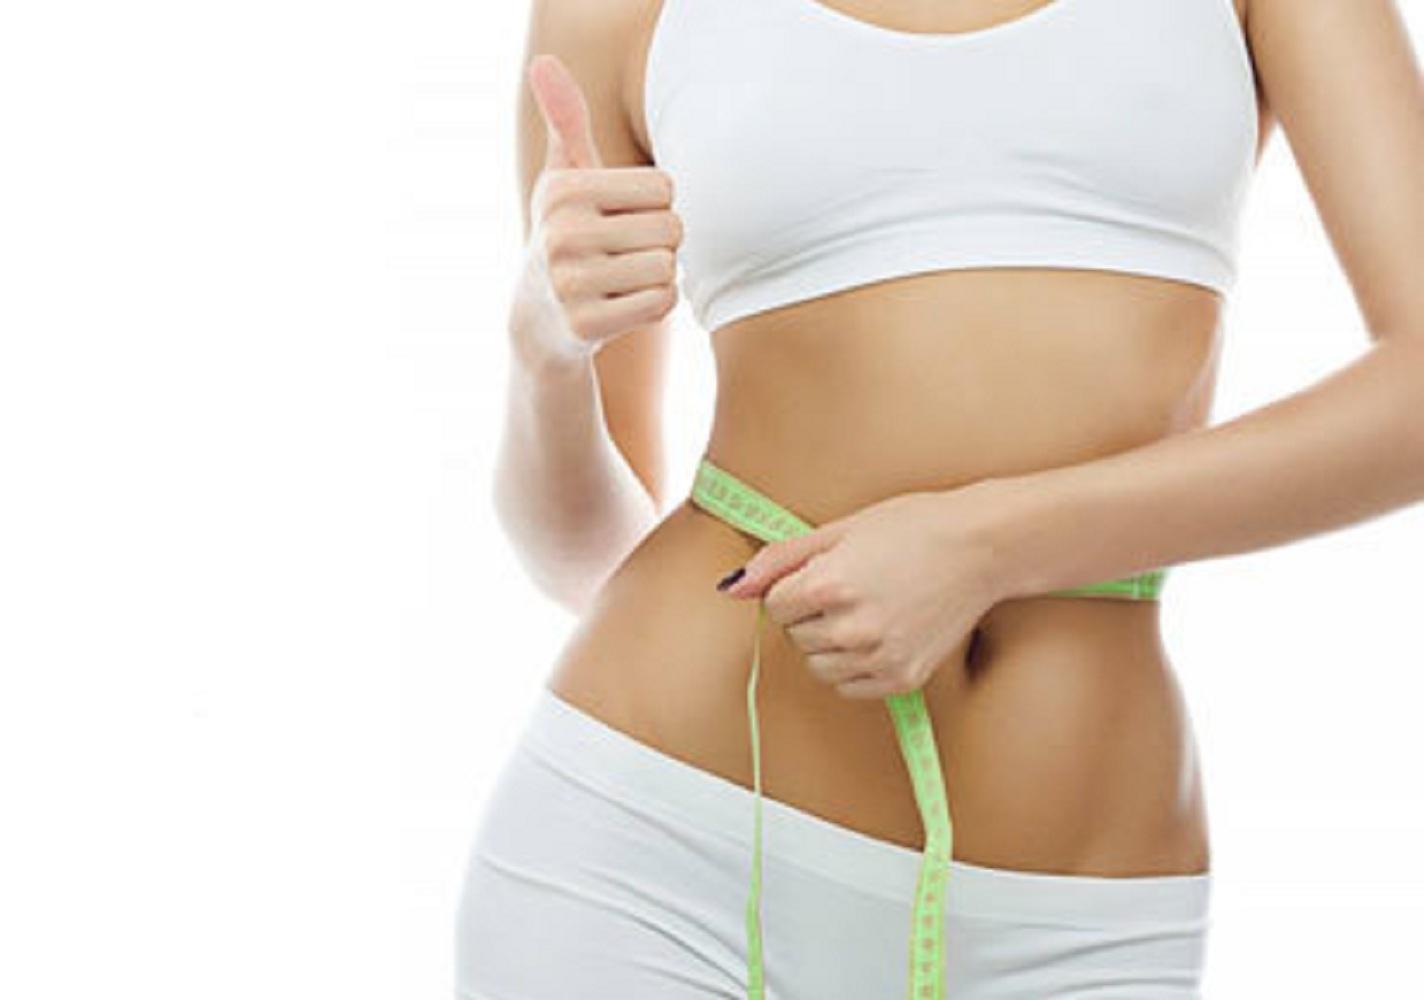 pierde grasimi nu numai in greutate timpul necesar pentru a arde grăsime